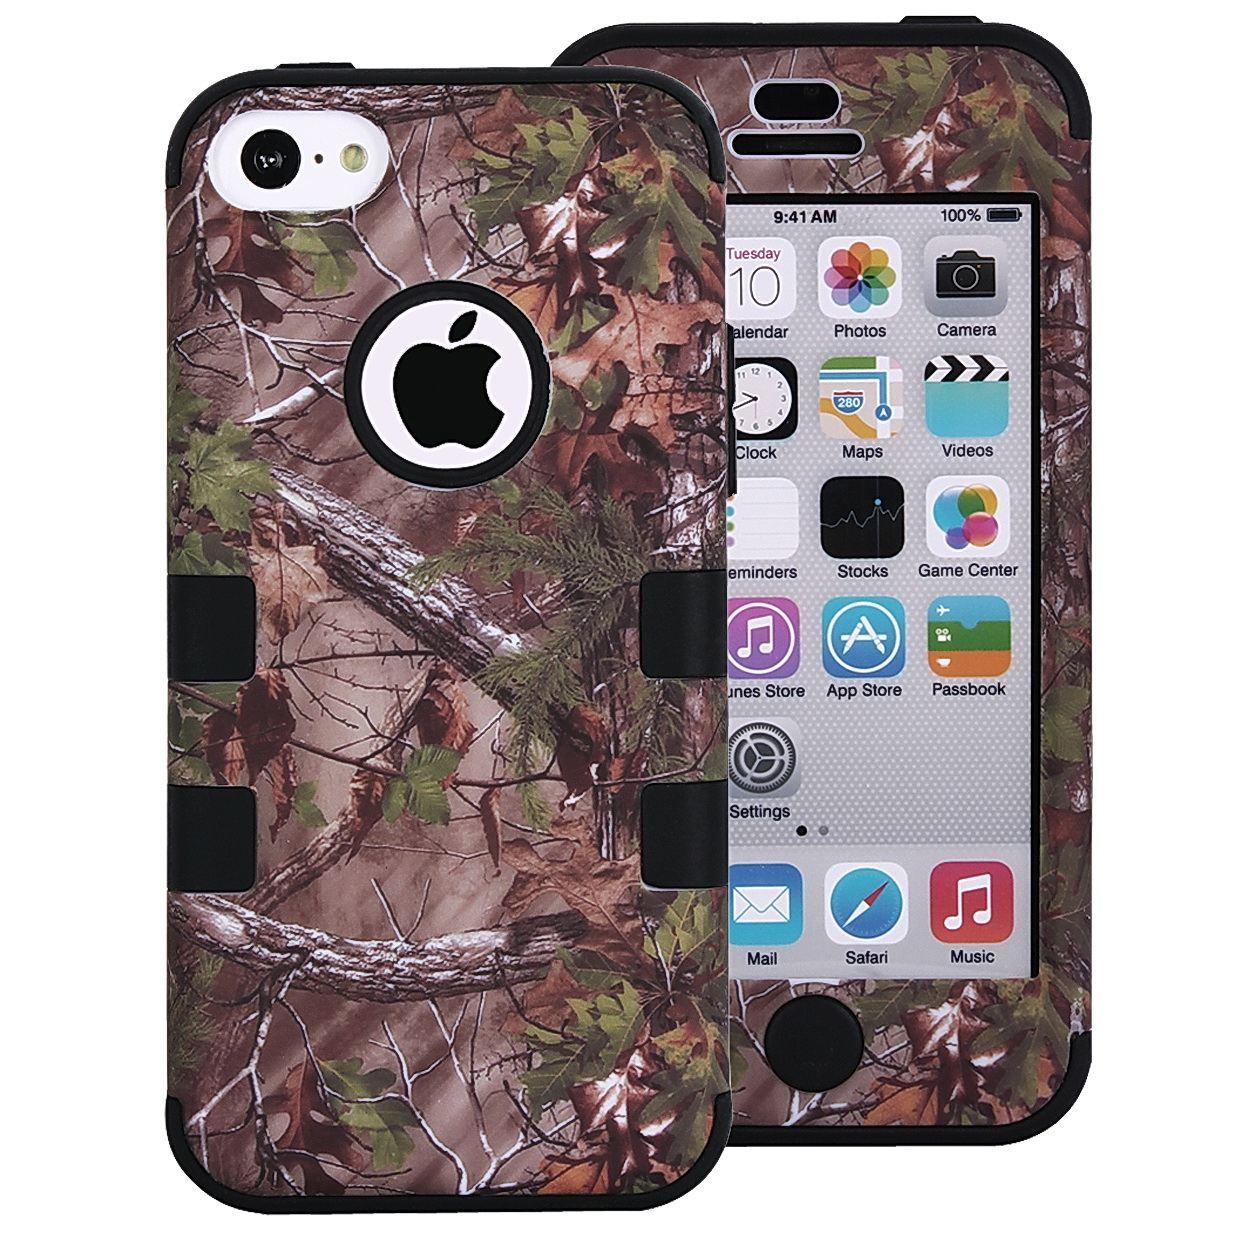 Iphone 5c Cases Camo